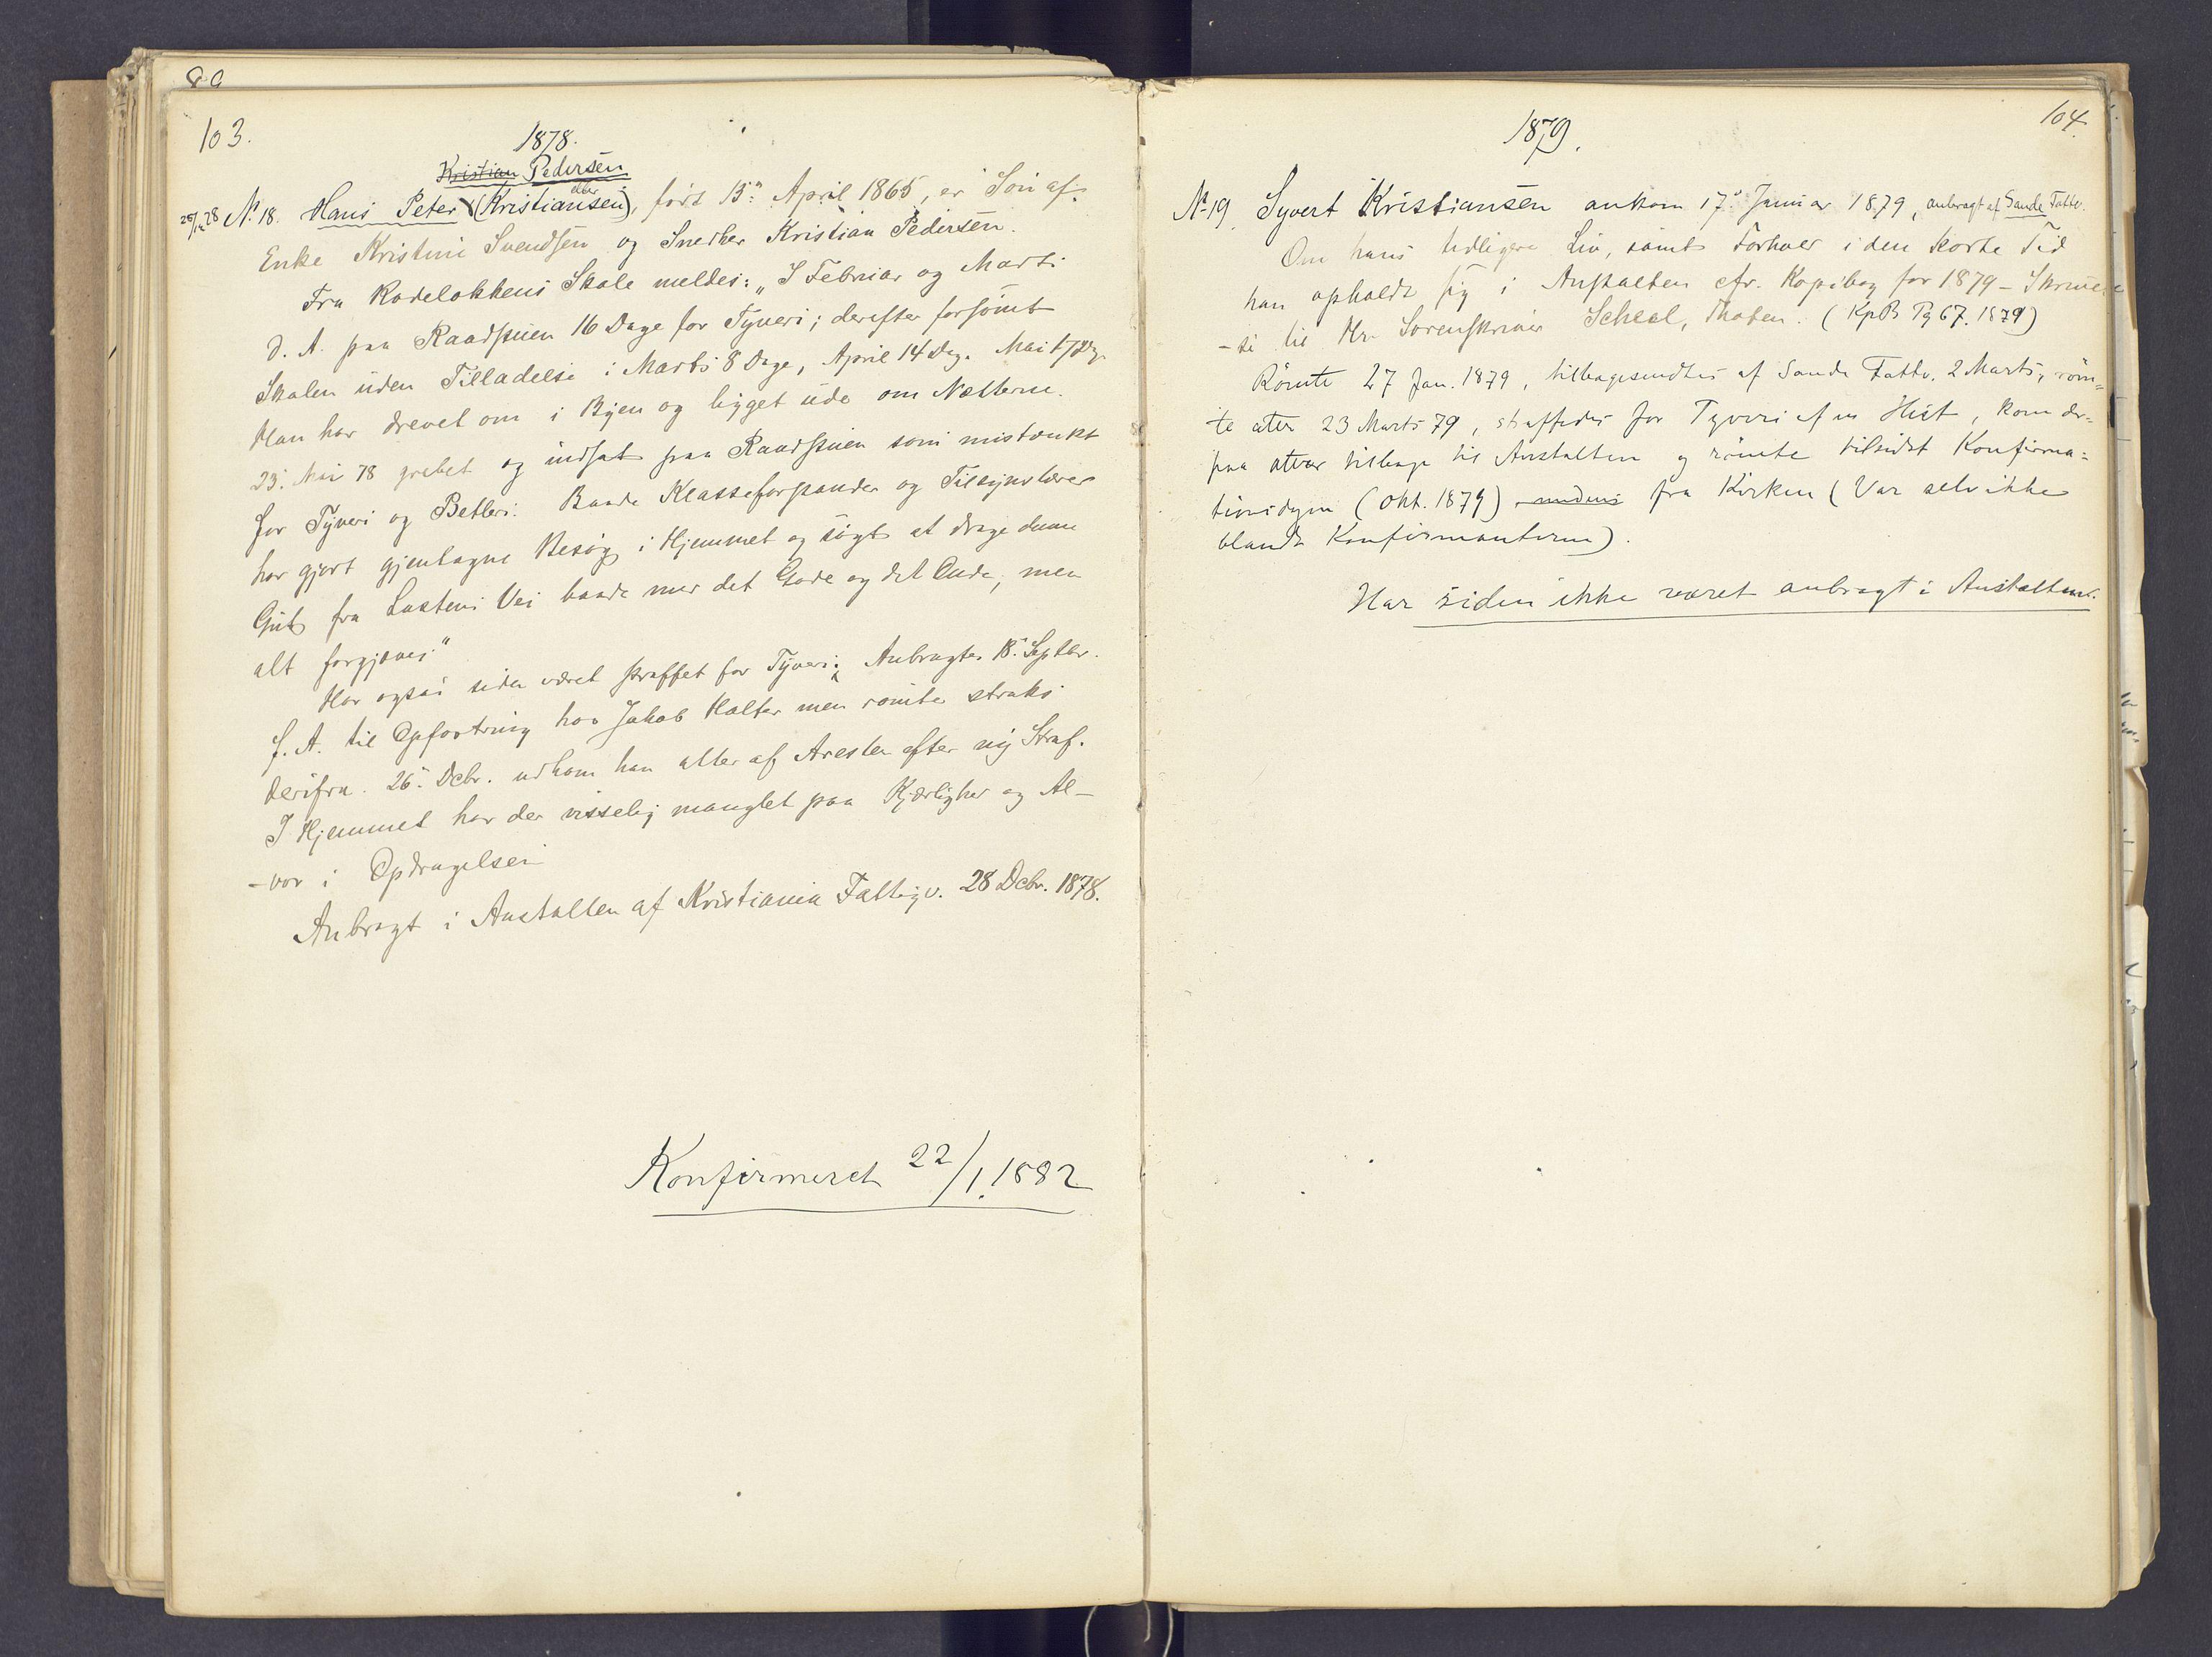 SAH, Toftes Gave, F/Fc/L0002: Elevprotokoll, 1870-1885, s. 103-104